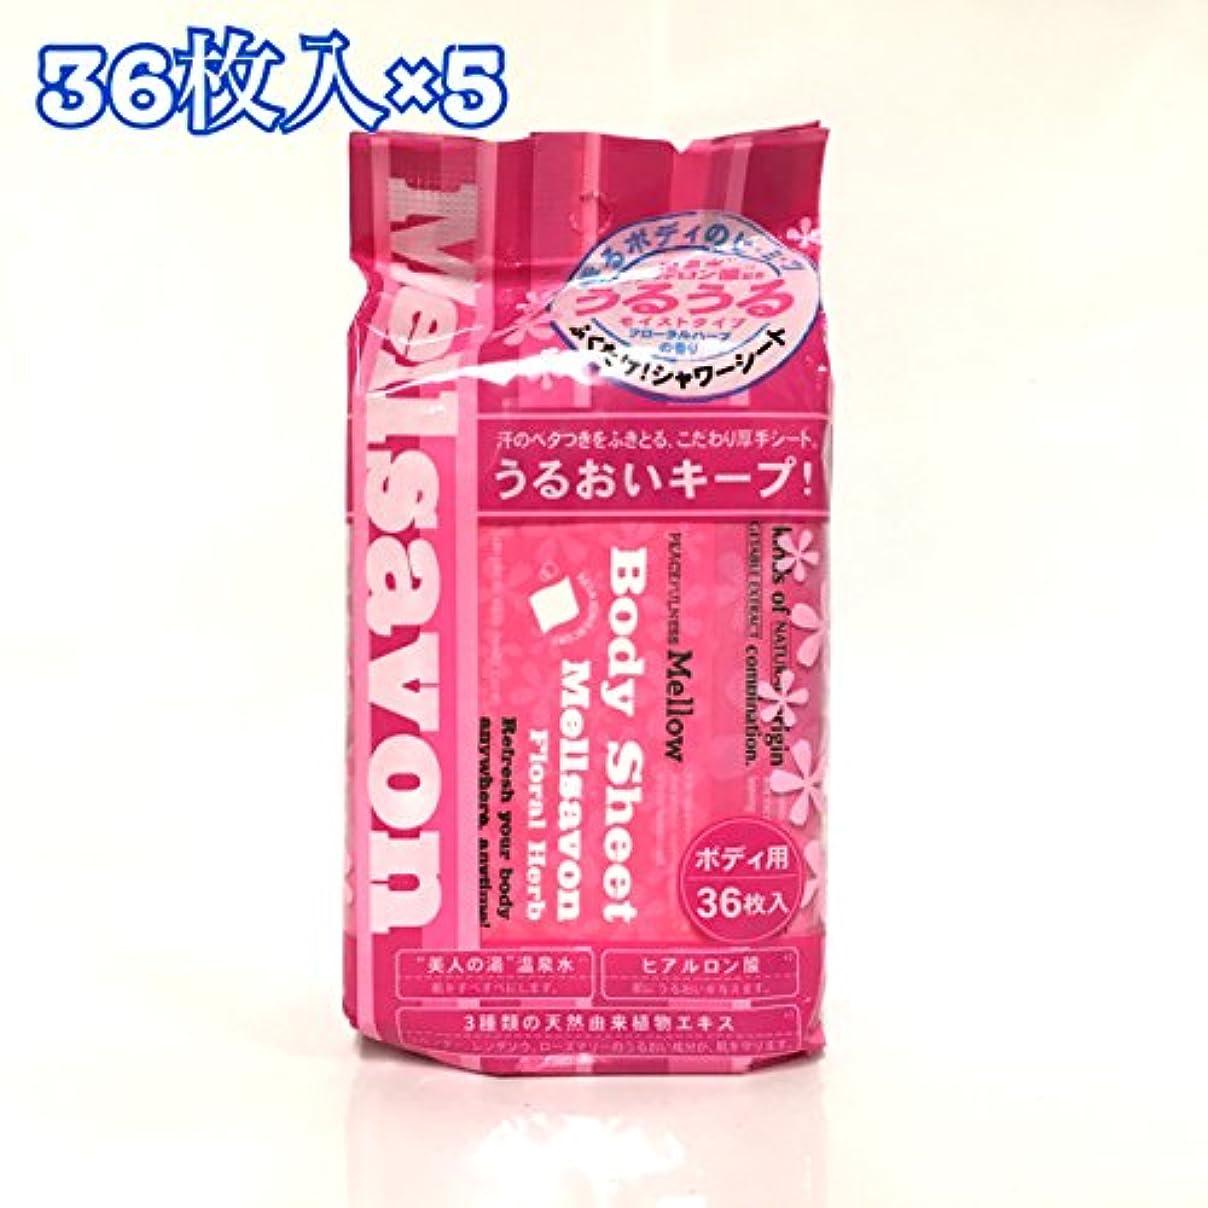 置換細菌市場メルサボン ボディシート フローラルハーブ うるうる モイストタイプ 36枚入 5パック